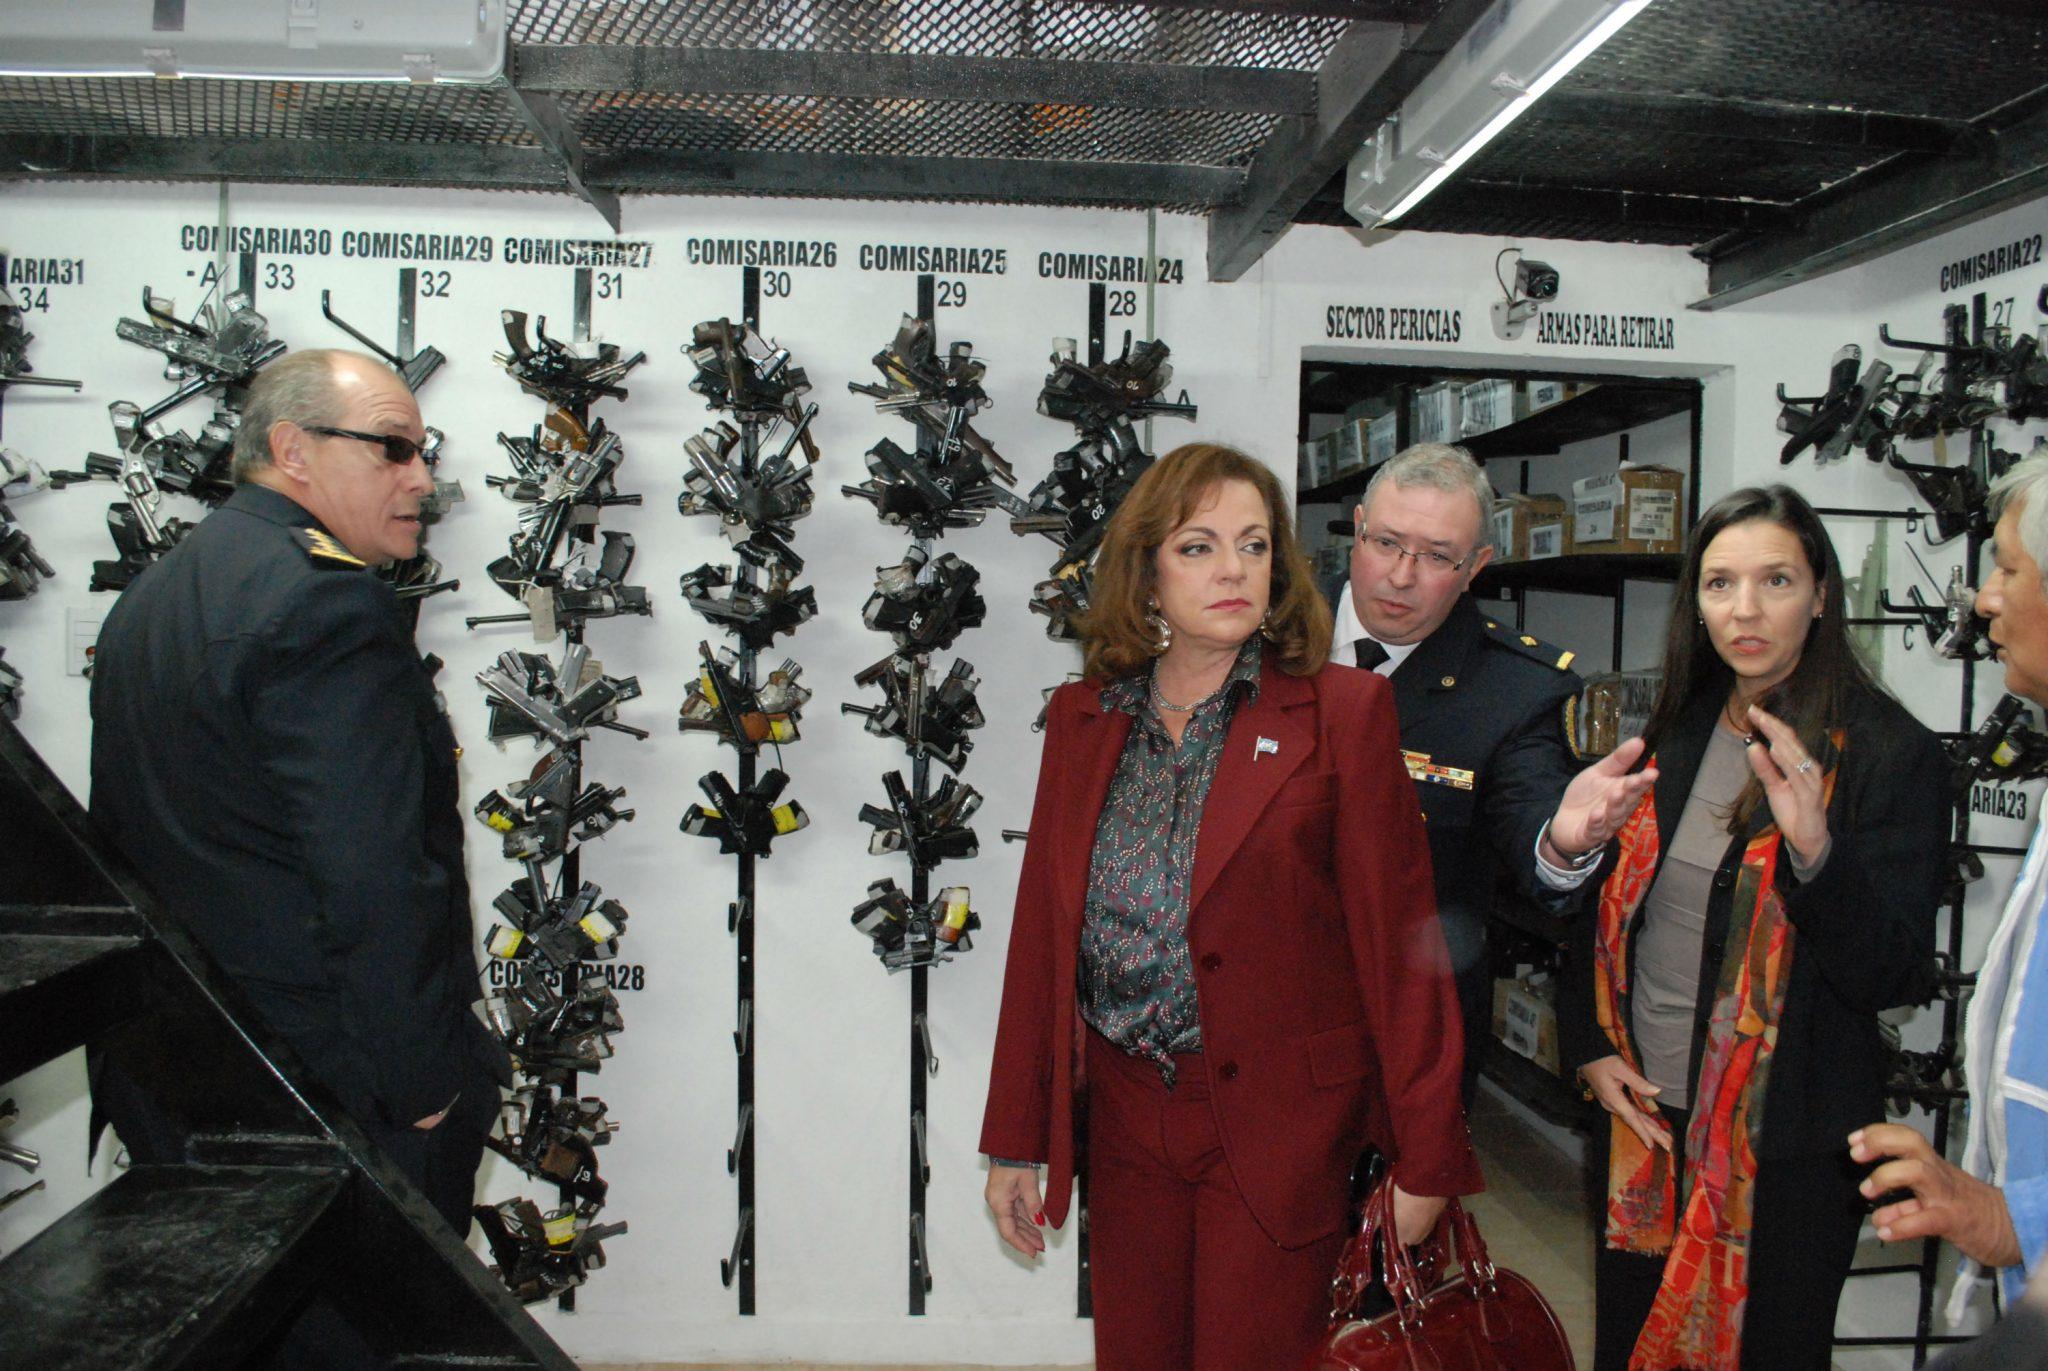 Garré inauguró un depósito para armas incautadas en causas judiciales